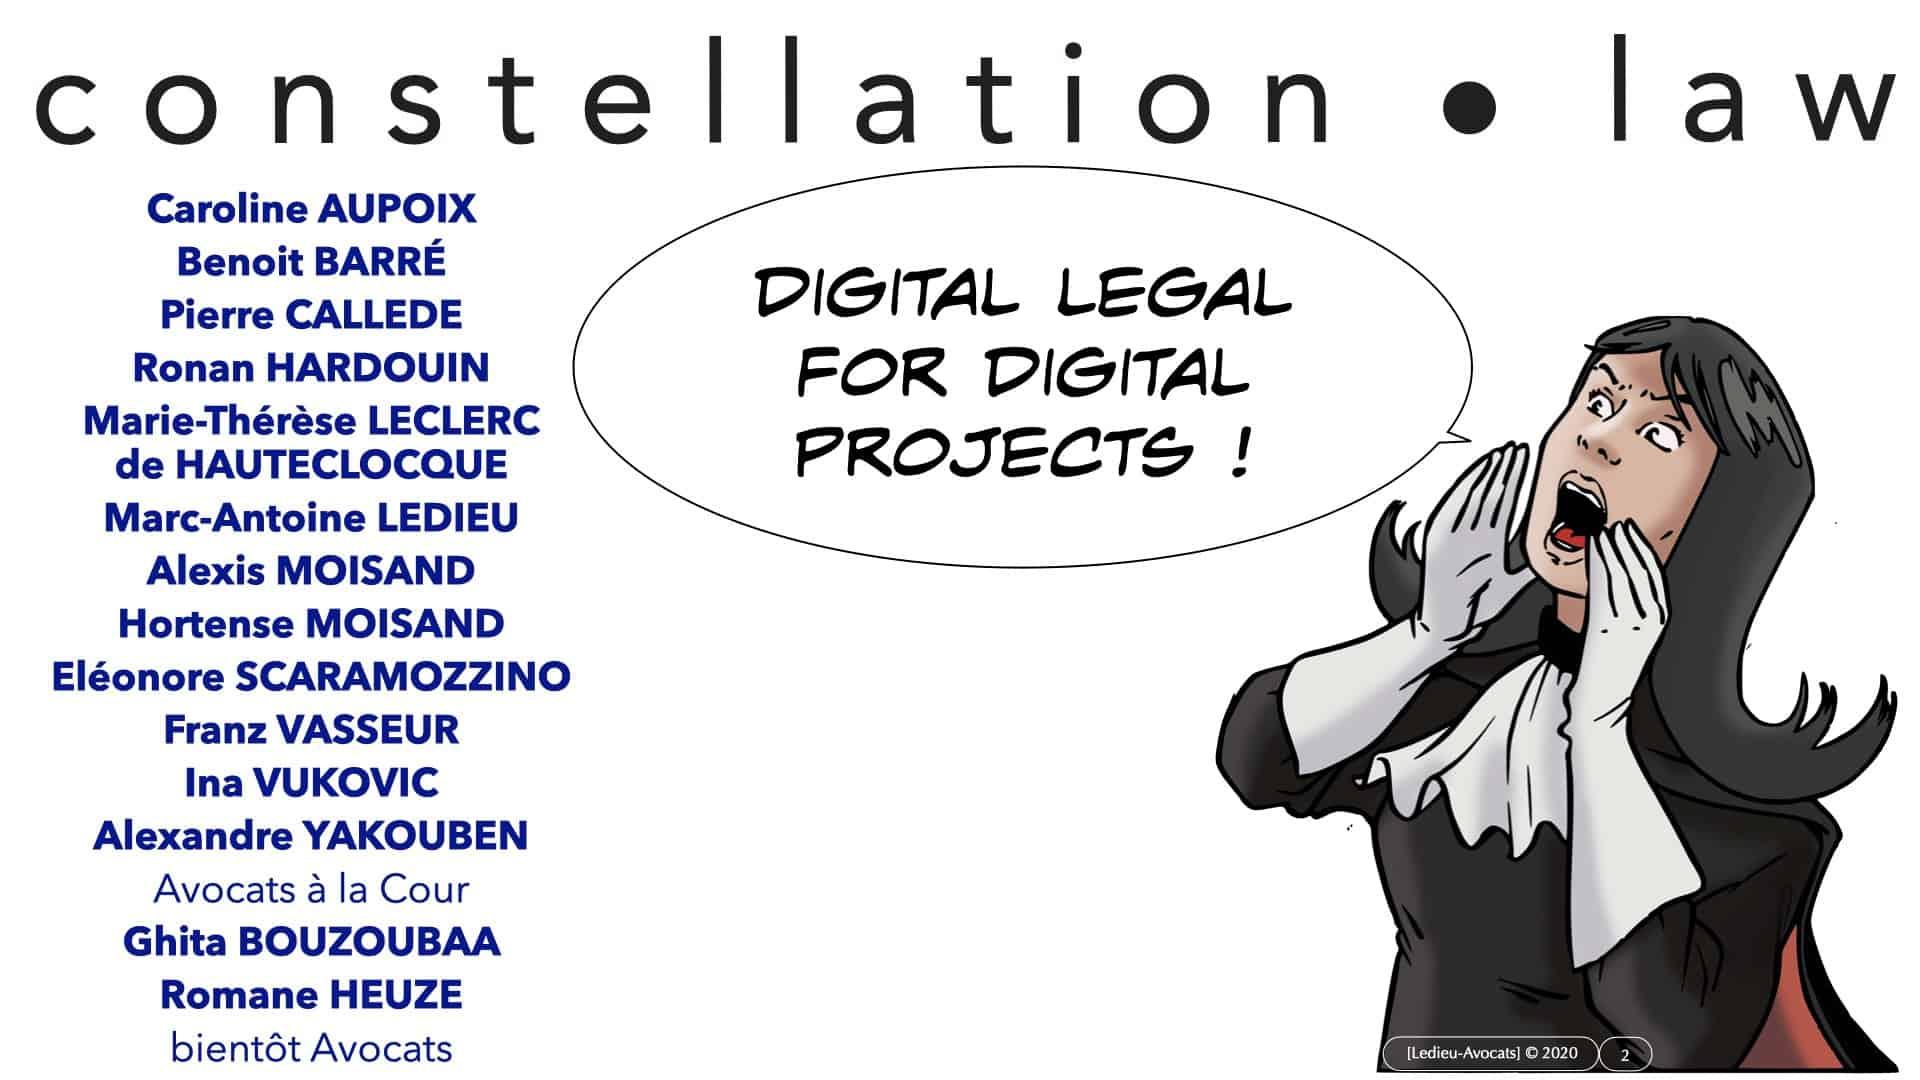 pseudonymisation données ACTUAIRES *16:9* © Ledieu-Avocats 06-11-2020.002